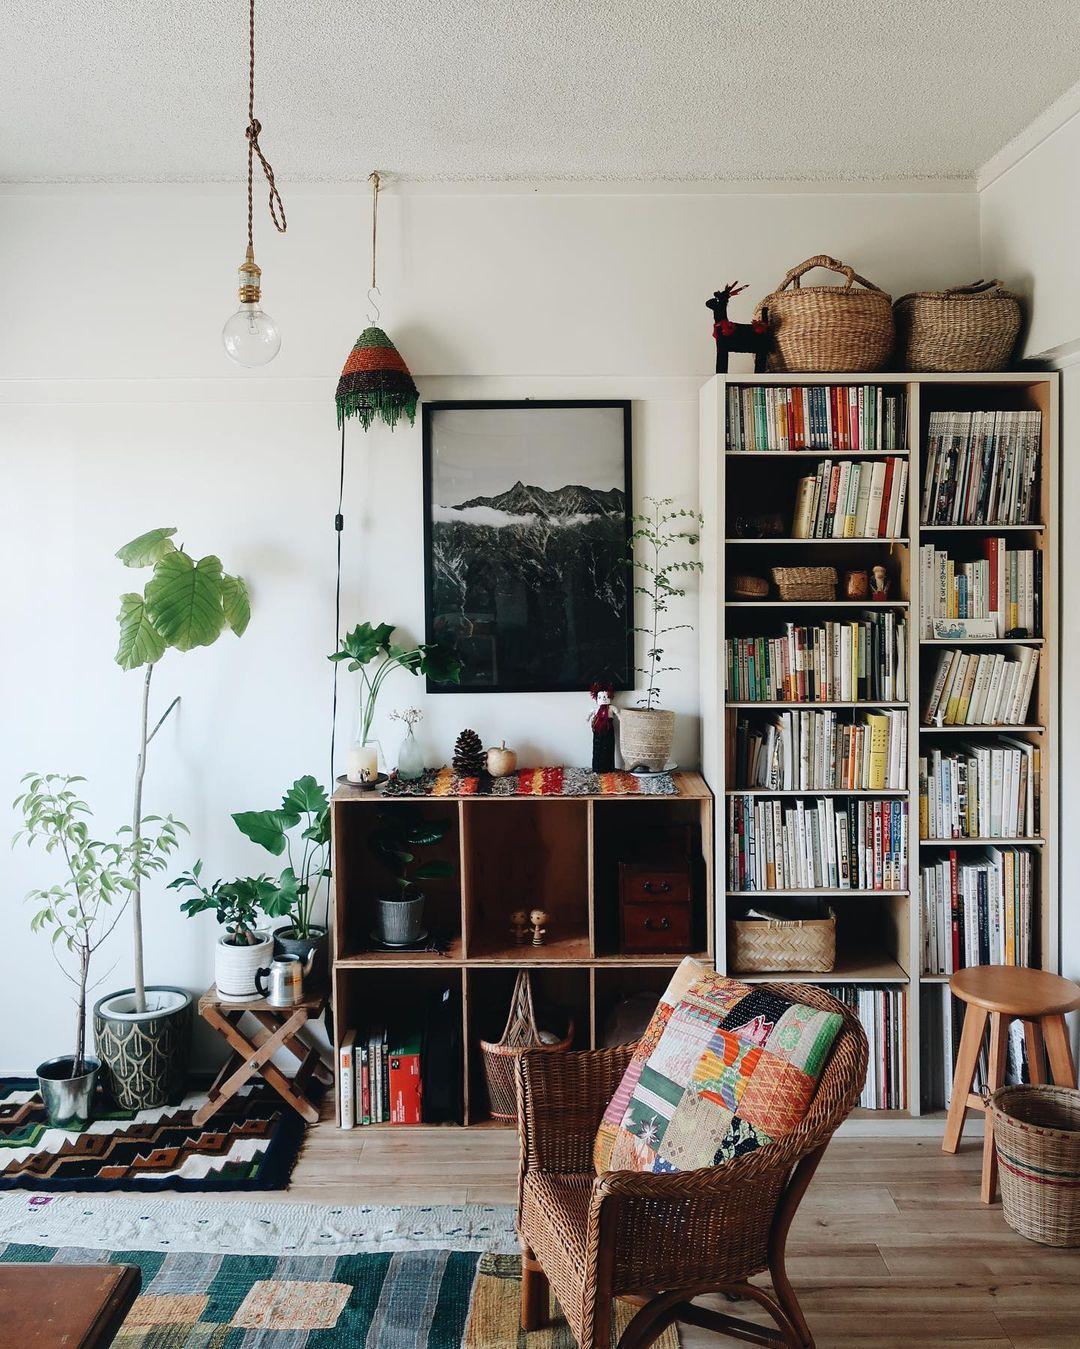 本以外にも自分の好きなものをちょこちょこと並べて作られた、素敵な本棚(このお部屋はこちら)